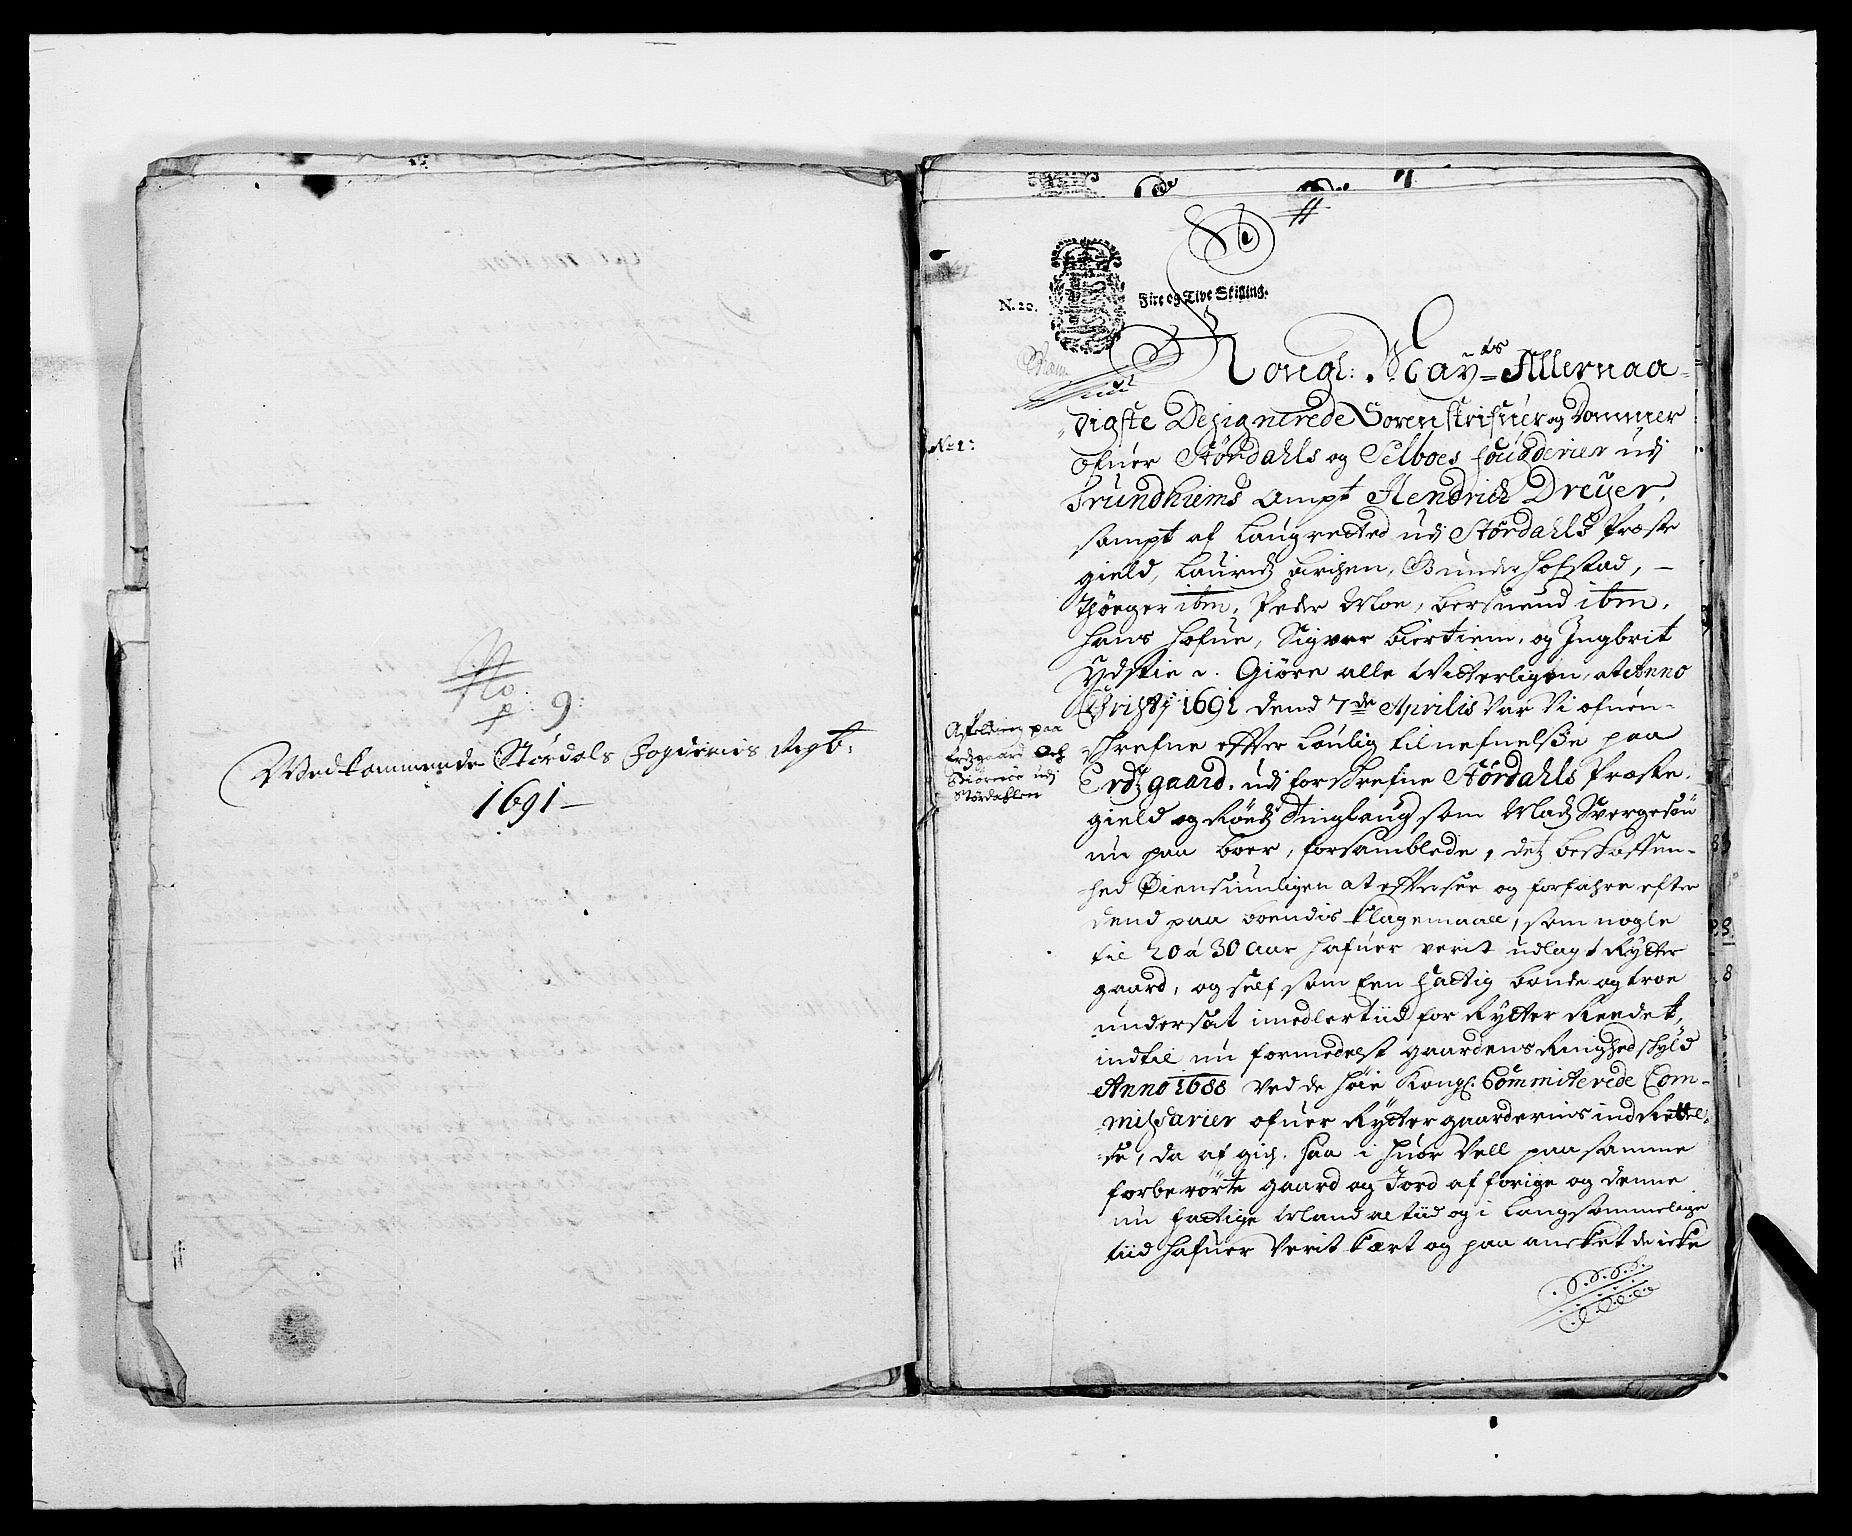 RA, Rentekammeret inntil 1814, Reviderte regnskaper, Fogderegnskap, R62/L4184: Fogderegnskap Stjørdal og Verdal, 1690-1691, s. 435